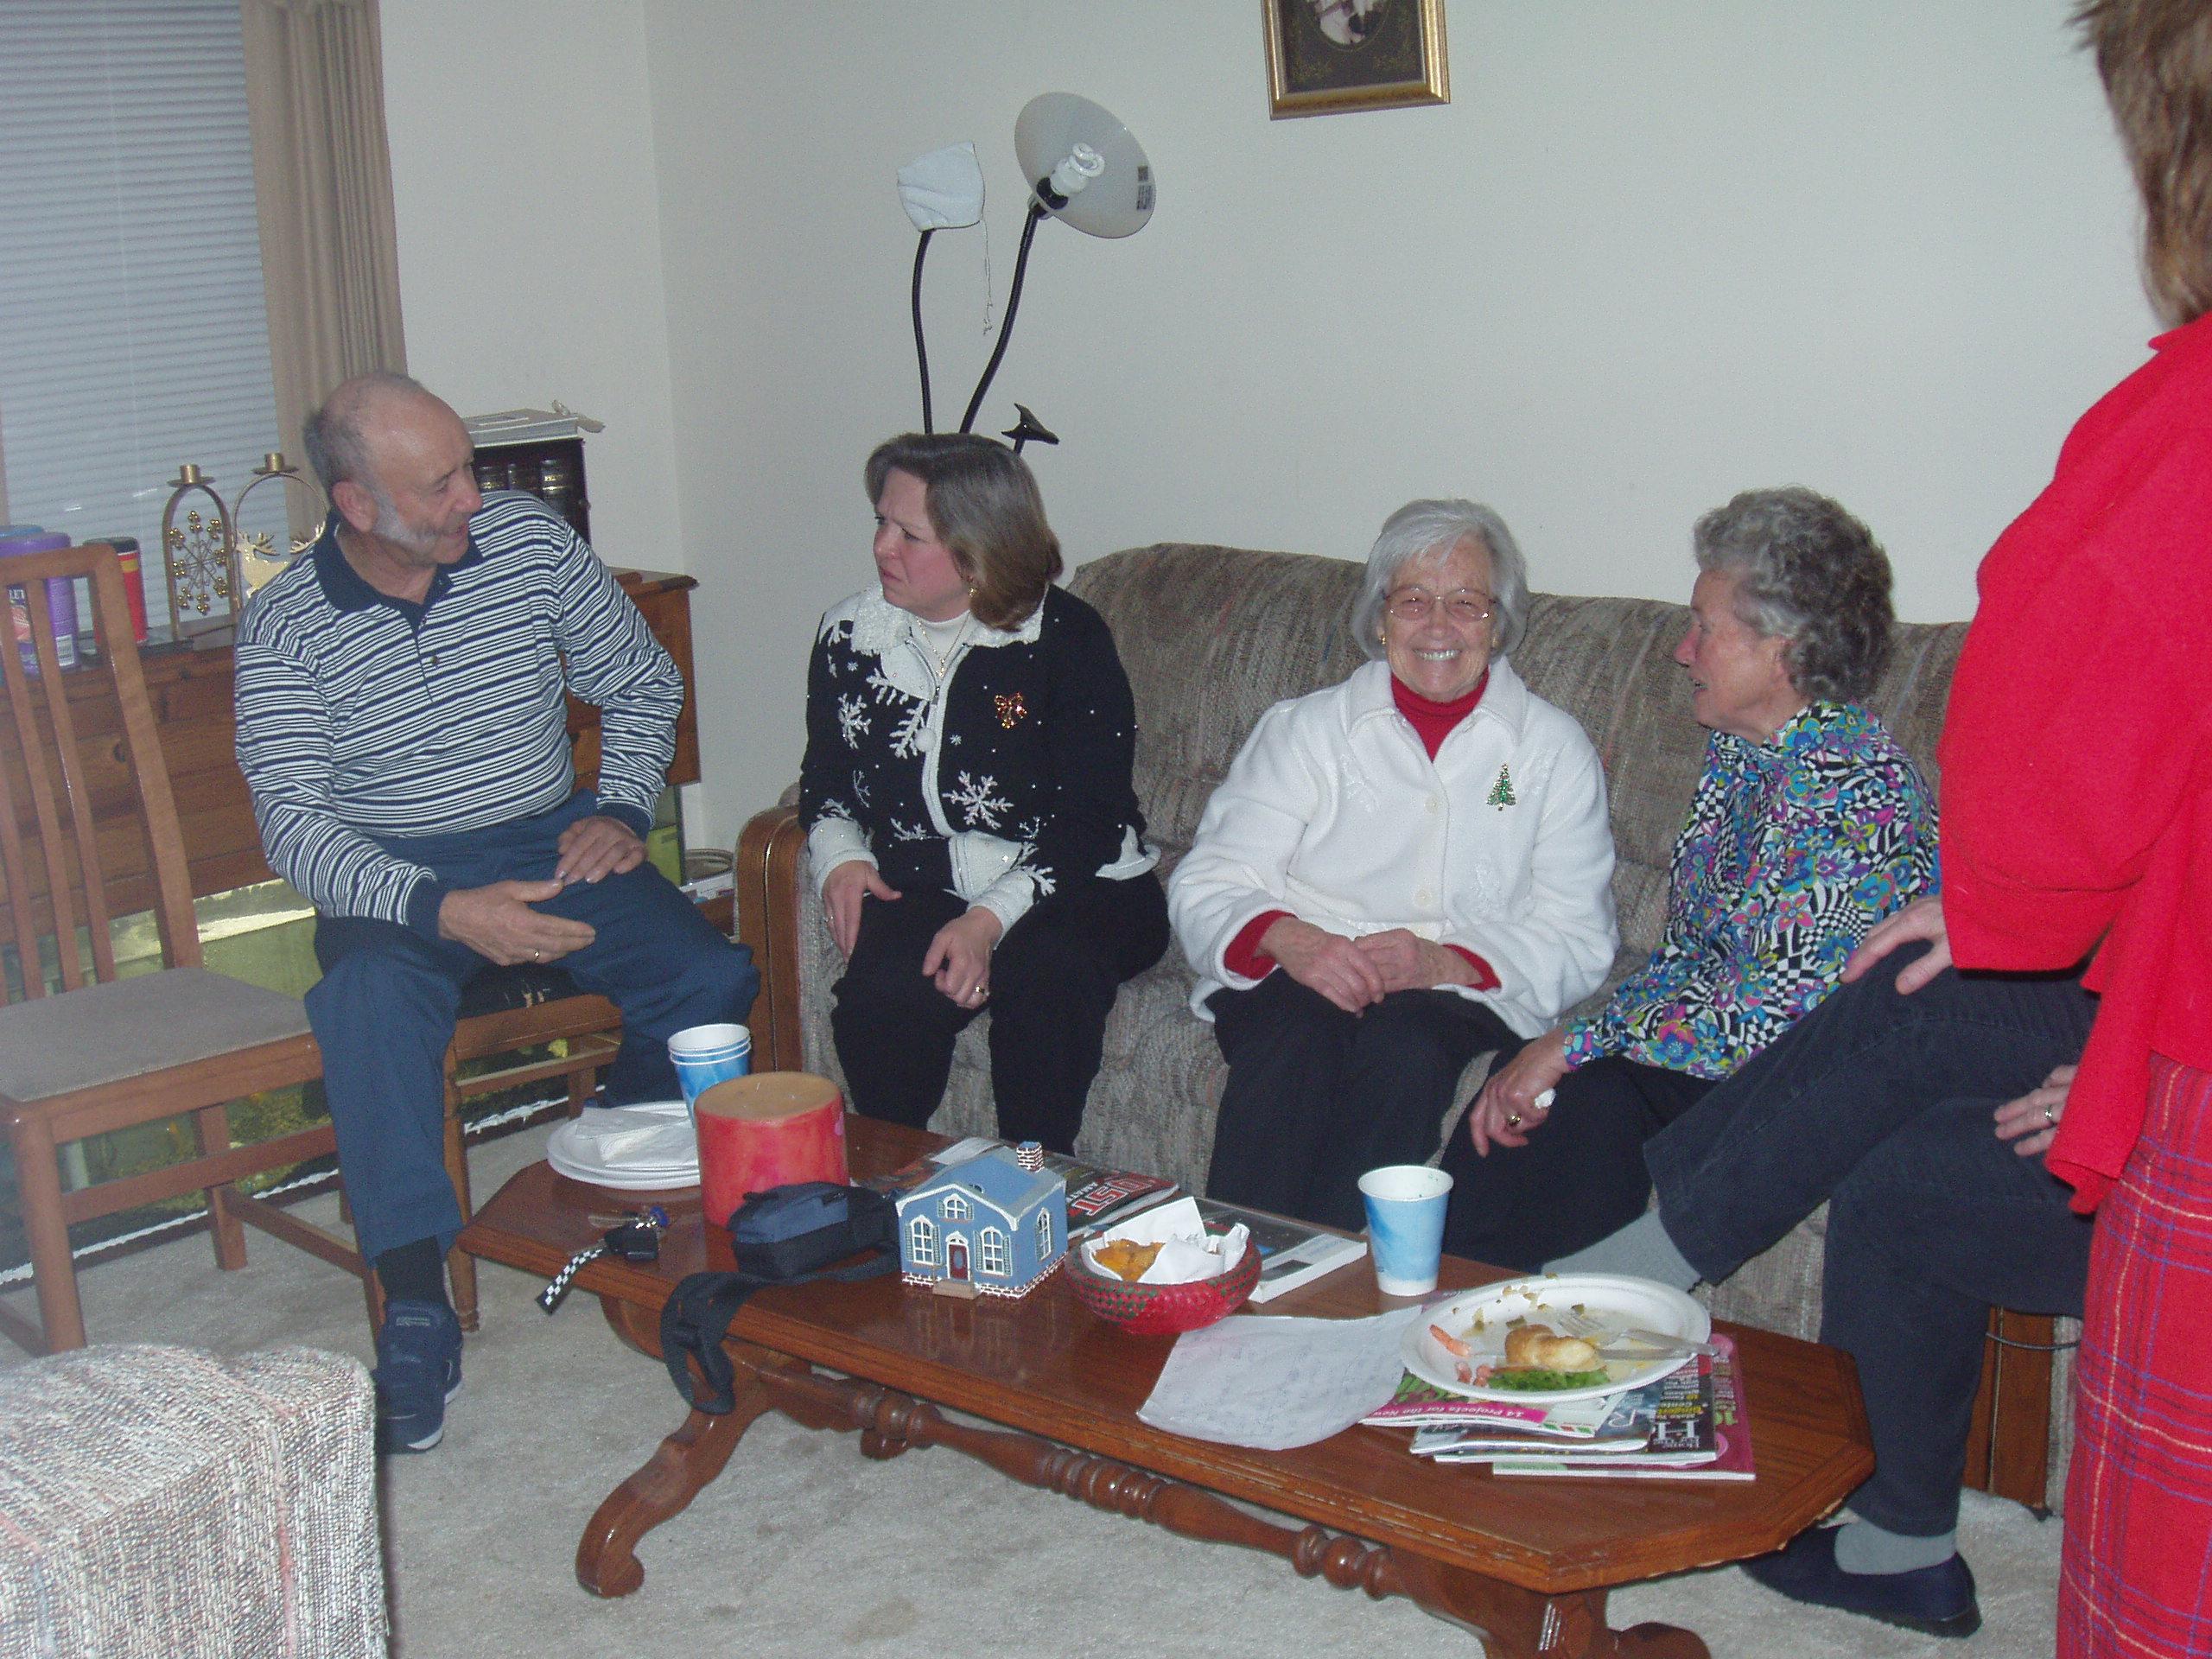 004 OVH XMAS PARTY - Al, Ev, Oma, Hanna